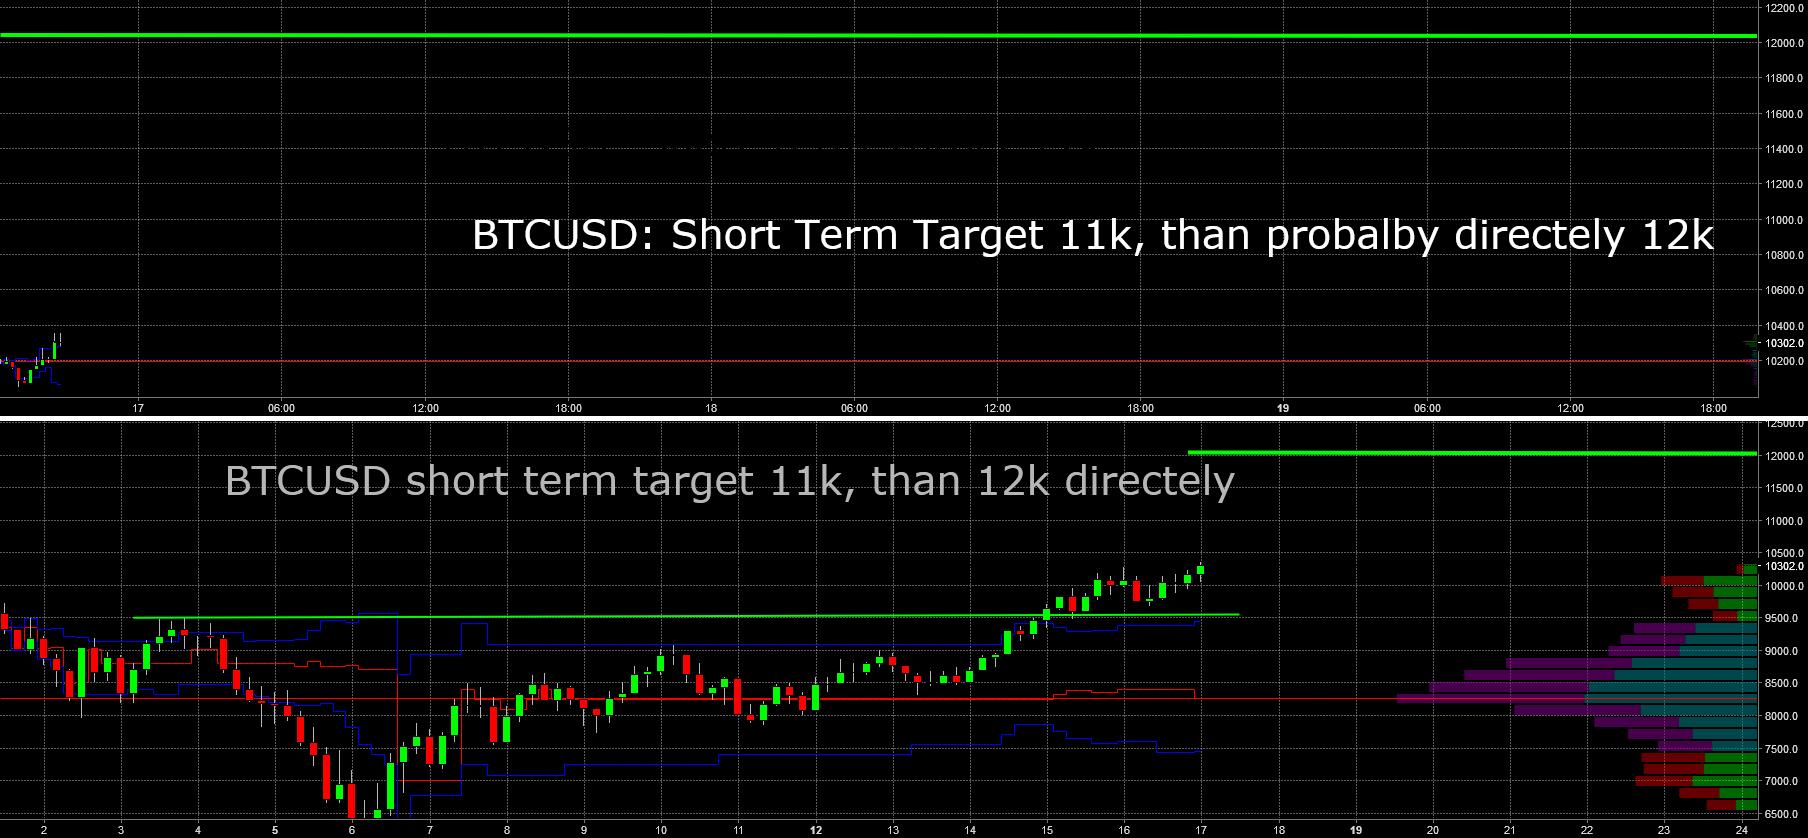 BTCUSD: Shortterm target 11k, 12k should follow directely